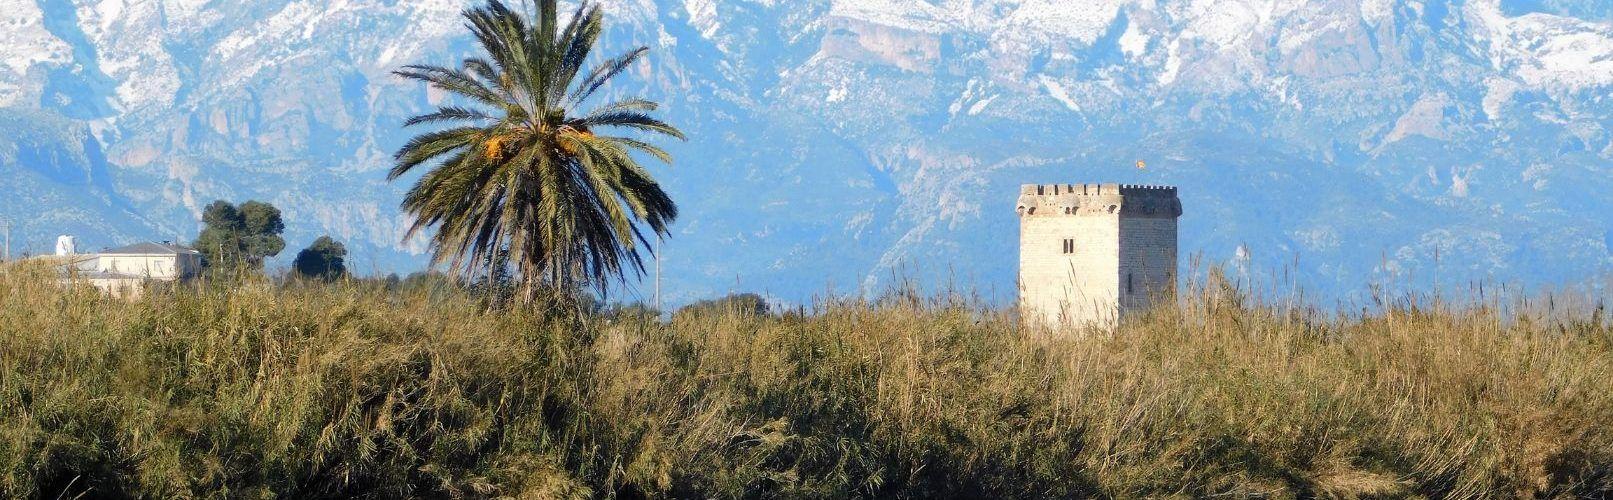 Fotos: la neu vista des del Montsià i Baix Ebre